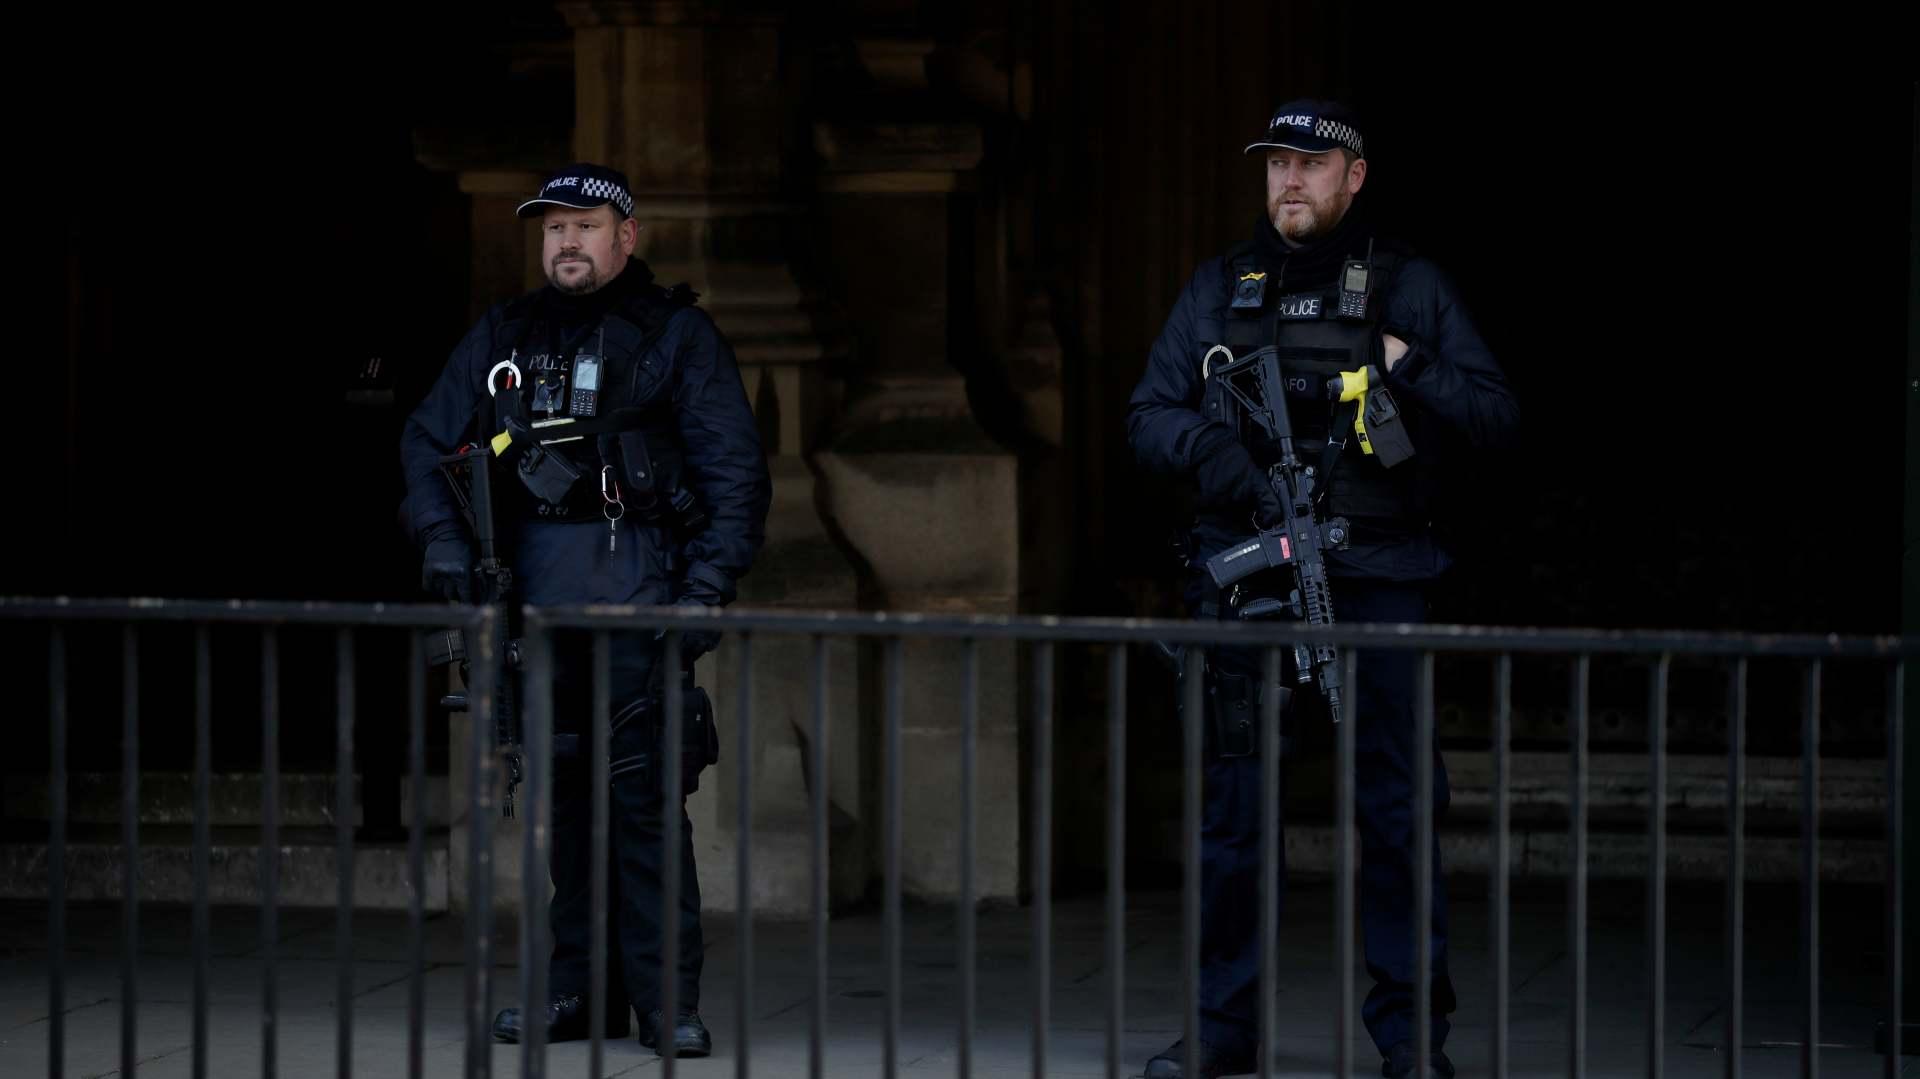 Četiri mrtve i 52 uhapšene osobe - bilans upada Trampovih pristalica u Kongres 1